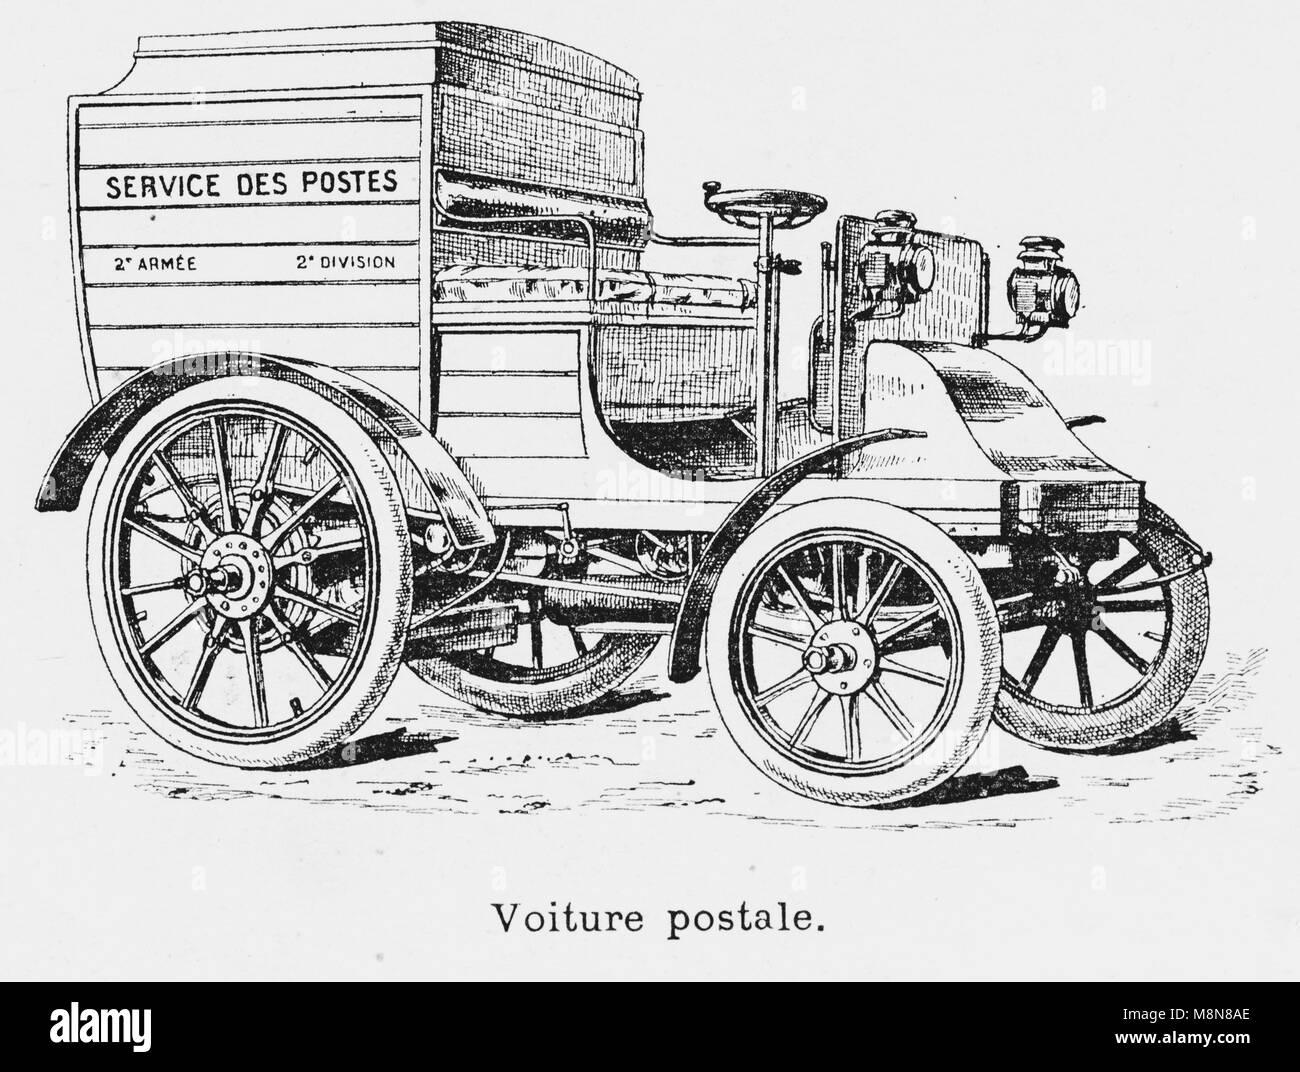 Vehículos militares durante el ejercicio militar francesa de 1900, vehículo de Correos, imagen del semanario Imagen De Stock